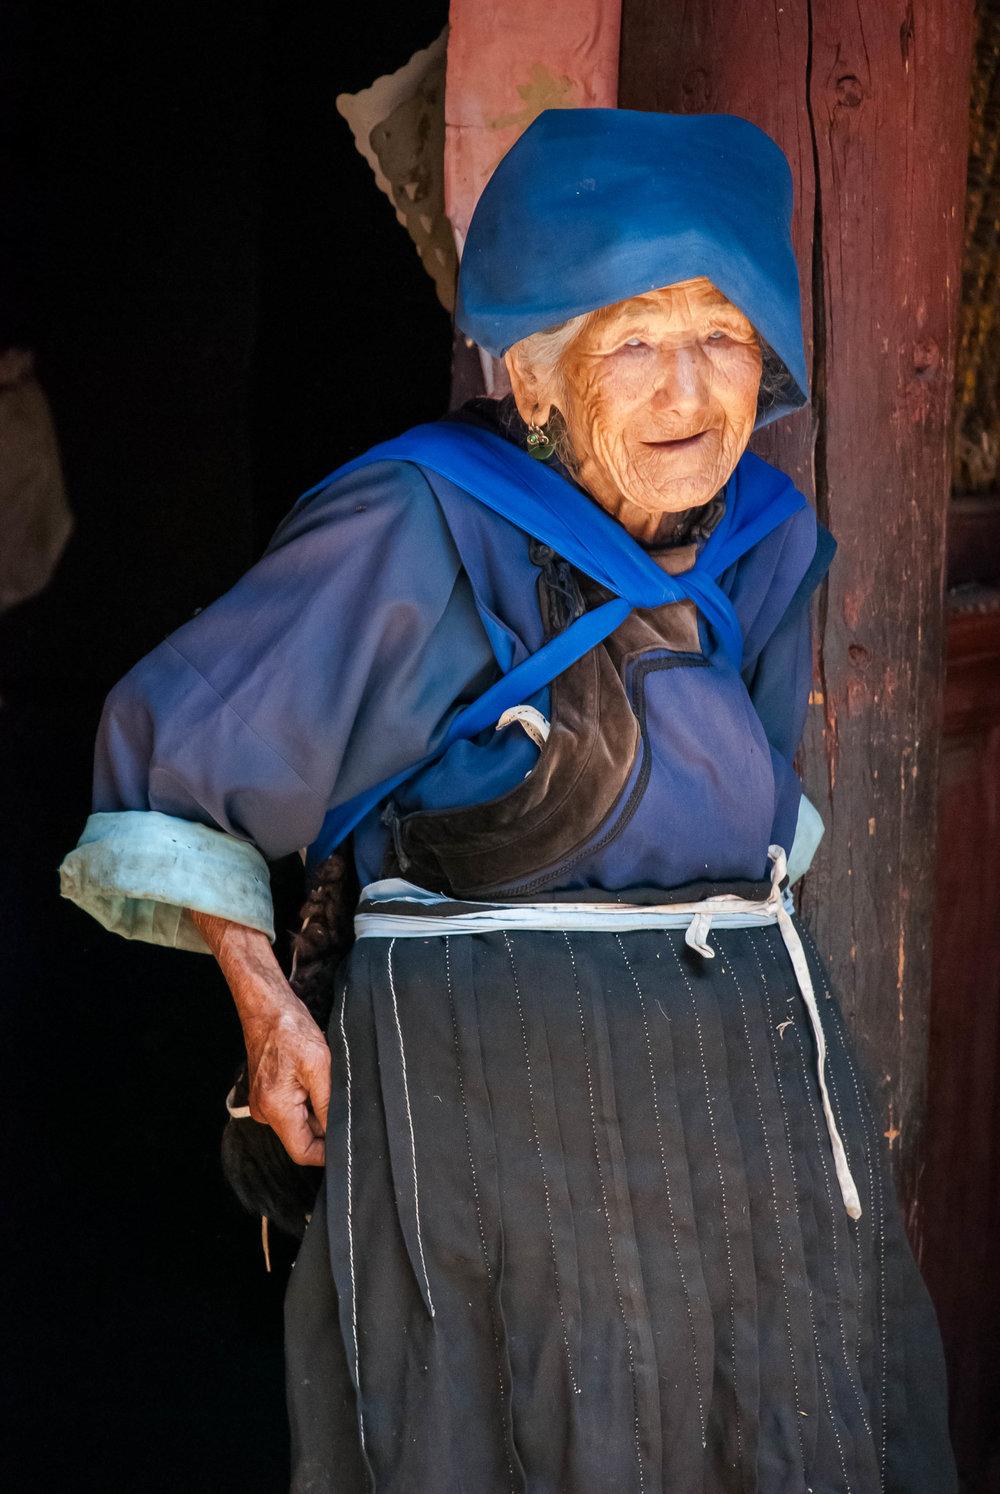 2008_06-26 Old Woman at Home Lijiang Yunnan China_.jpg